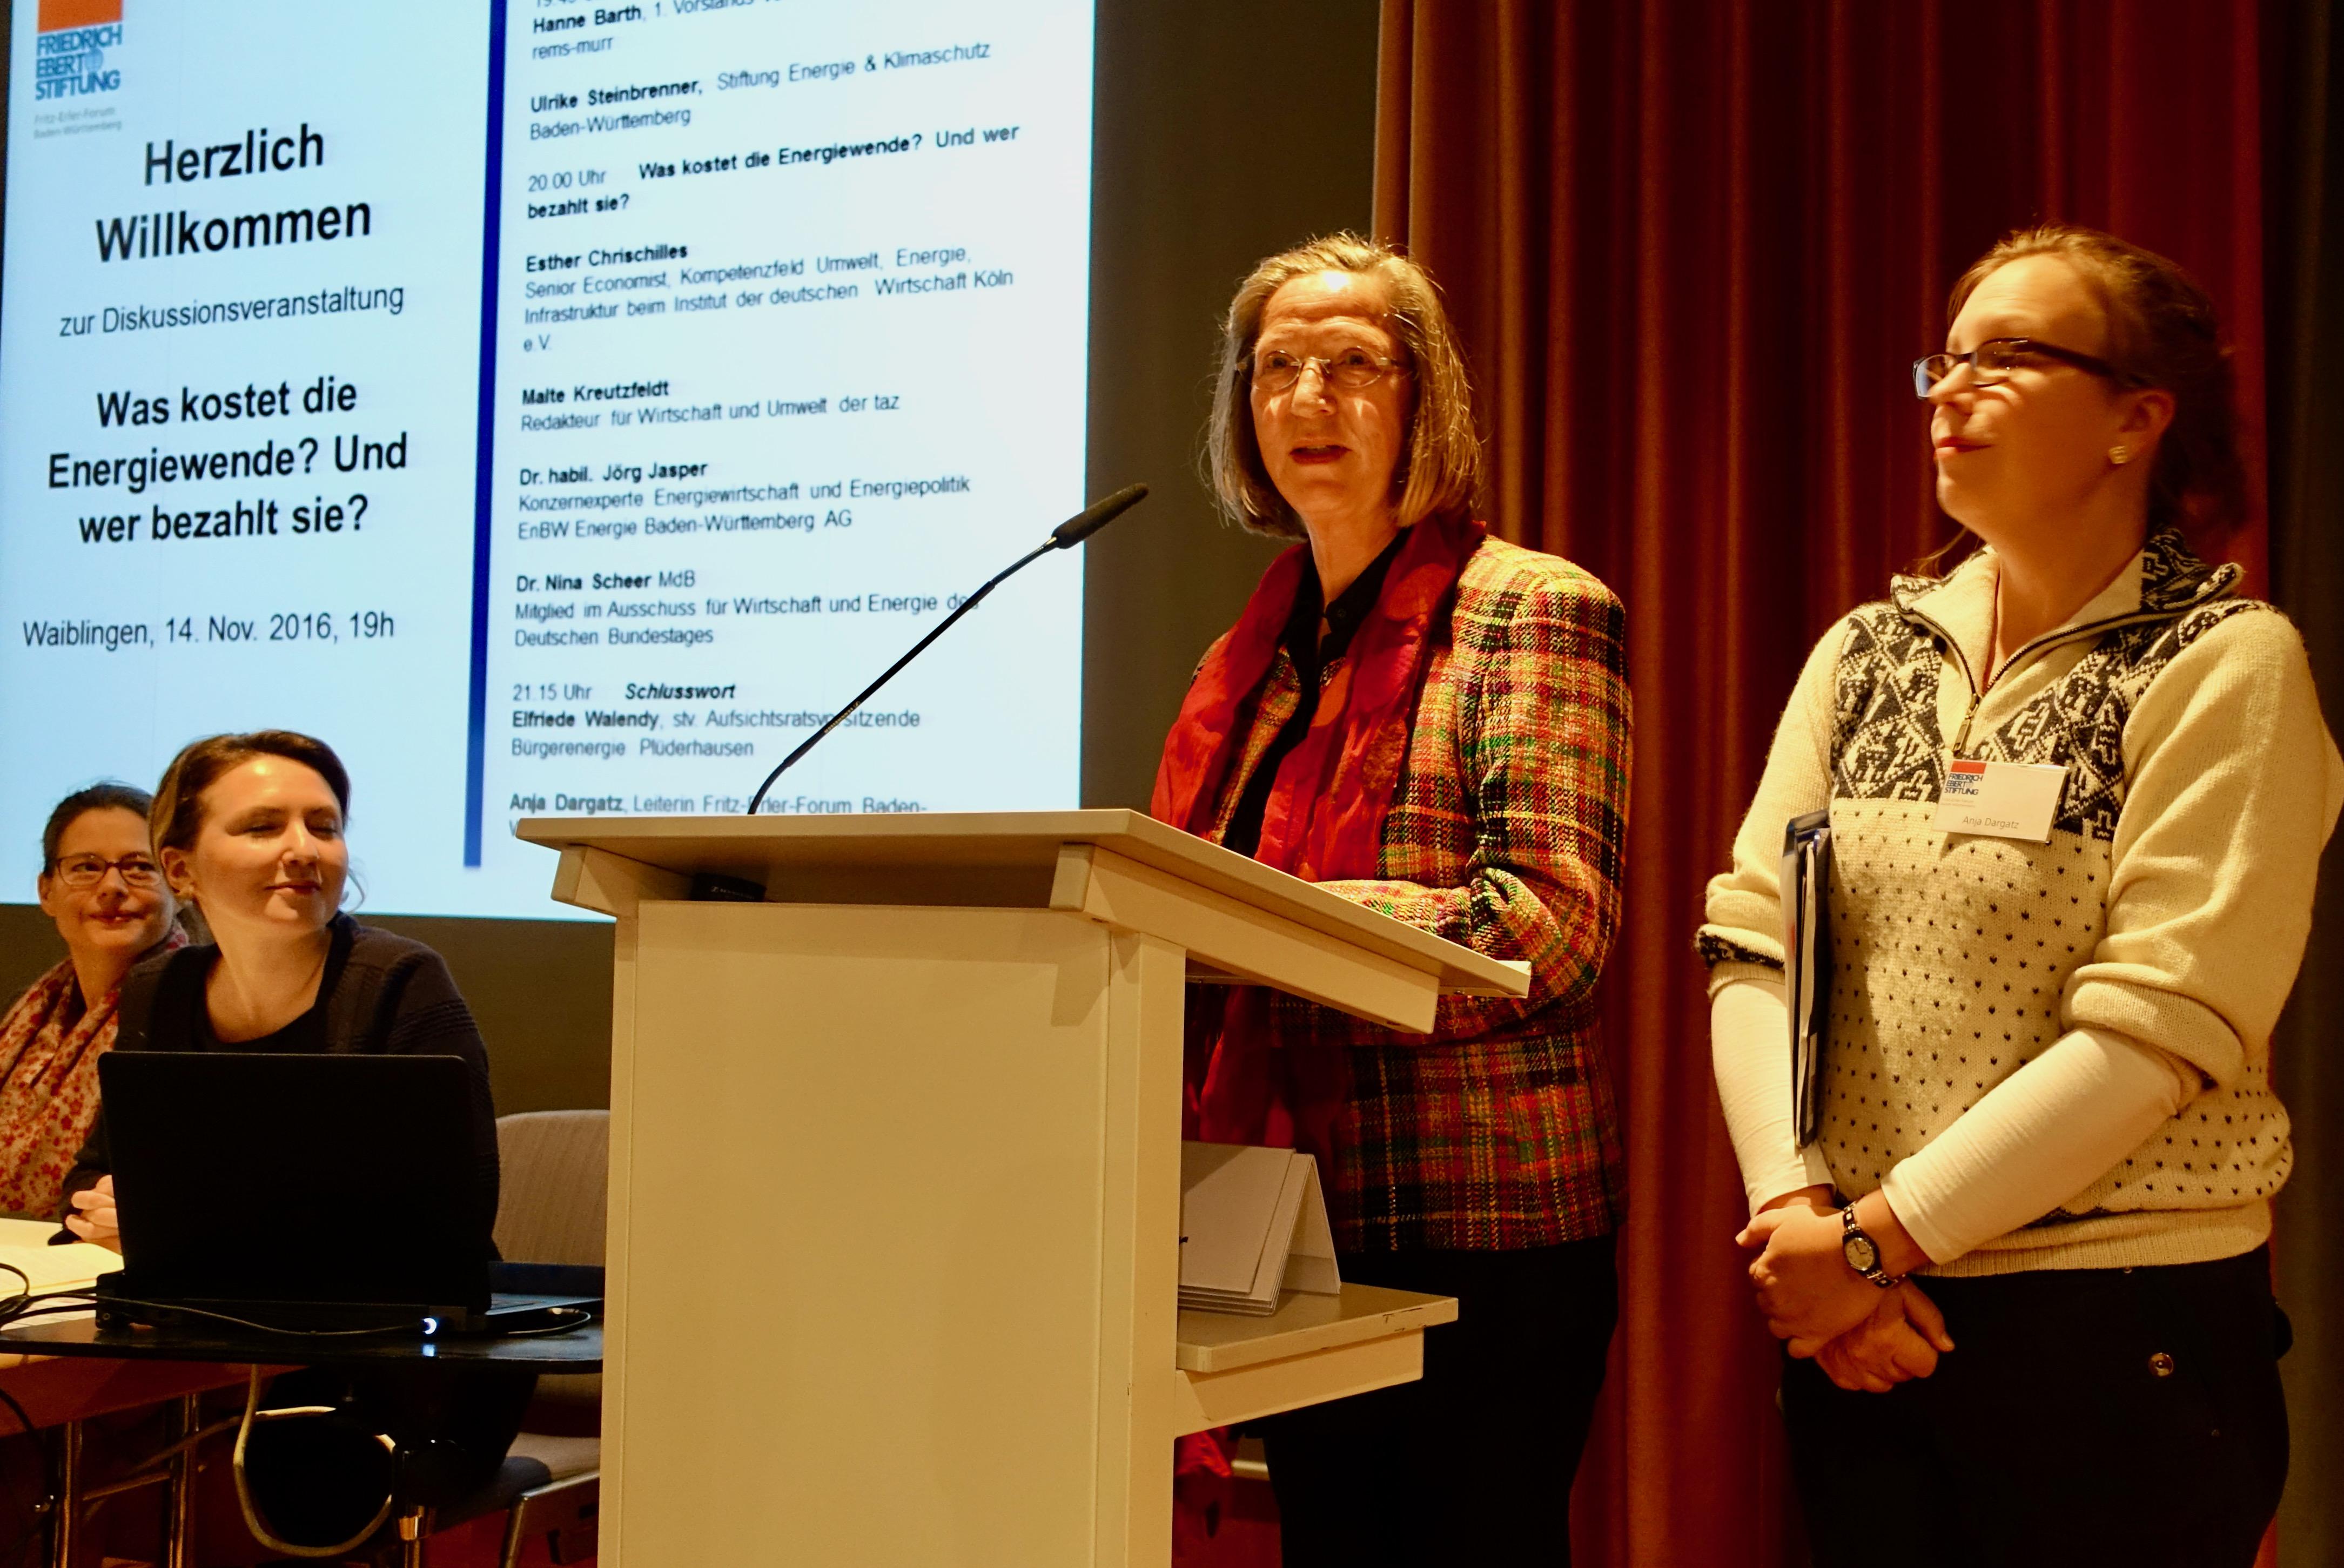 Elfriede Walendy eröffnet gemeinsam mit Anja Dargatz von der Friedrich-Ebert-Stiftung die Podiumsdiskussion